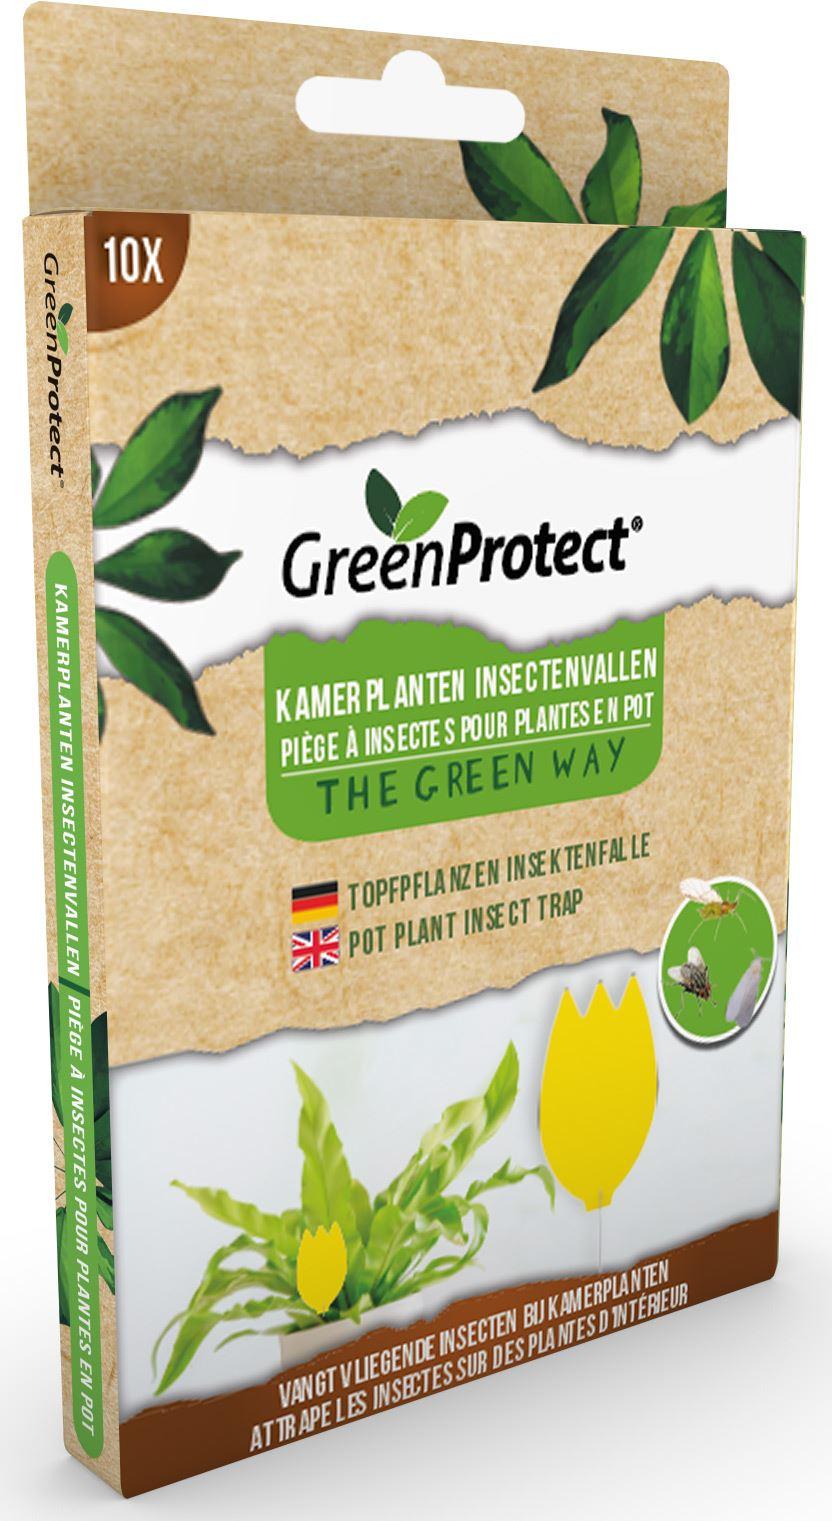 Greenprotect kamerplanten insectenvallen 10 stuks